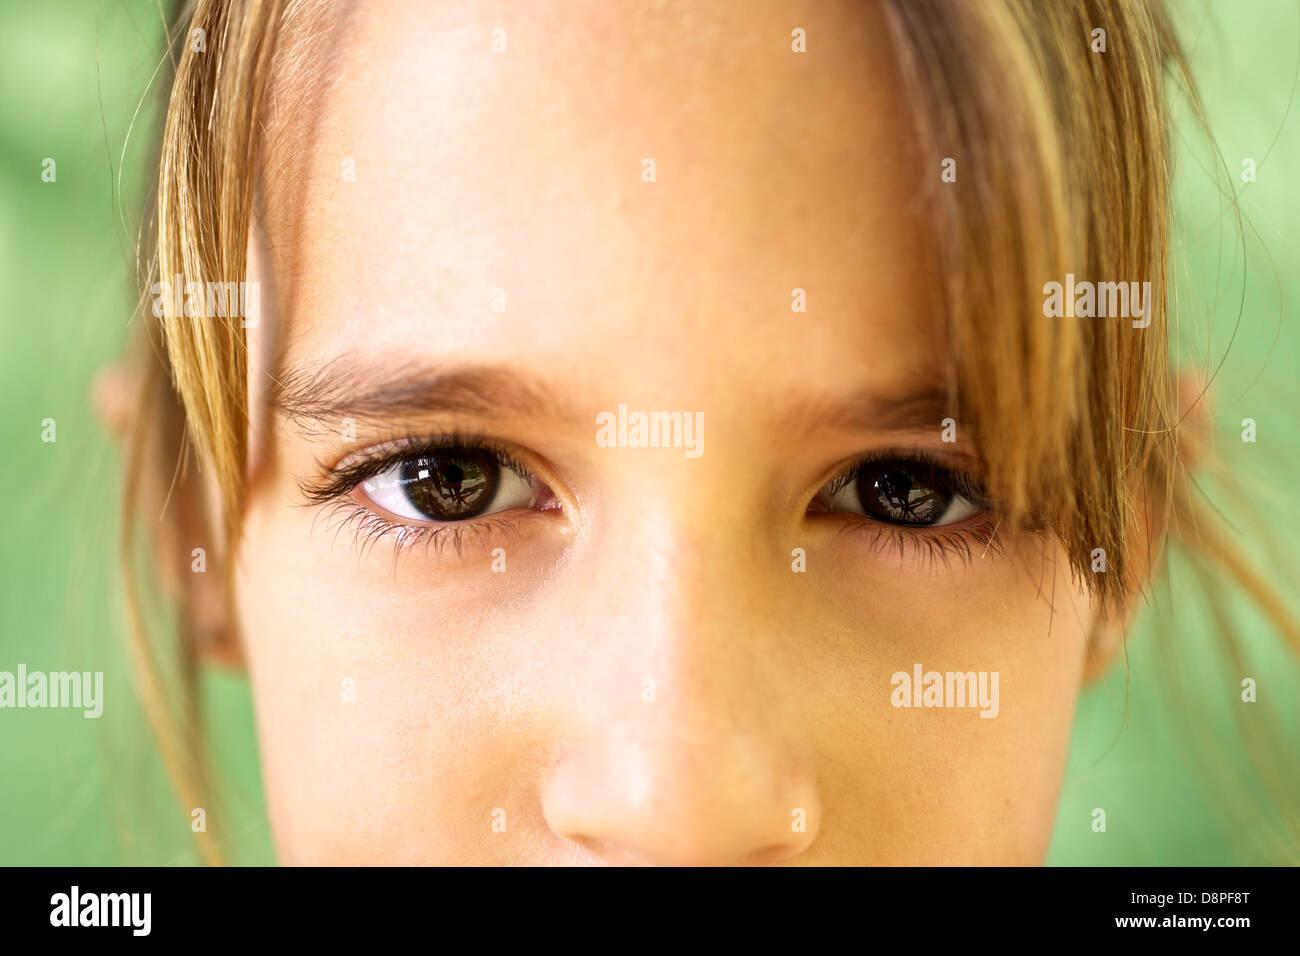 Junge Menschen und Emotionen, Porträt von schweren Mädchen Blick in die Kamera. Nahaufnahme der Augen Stockfoto